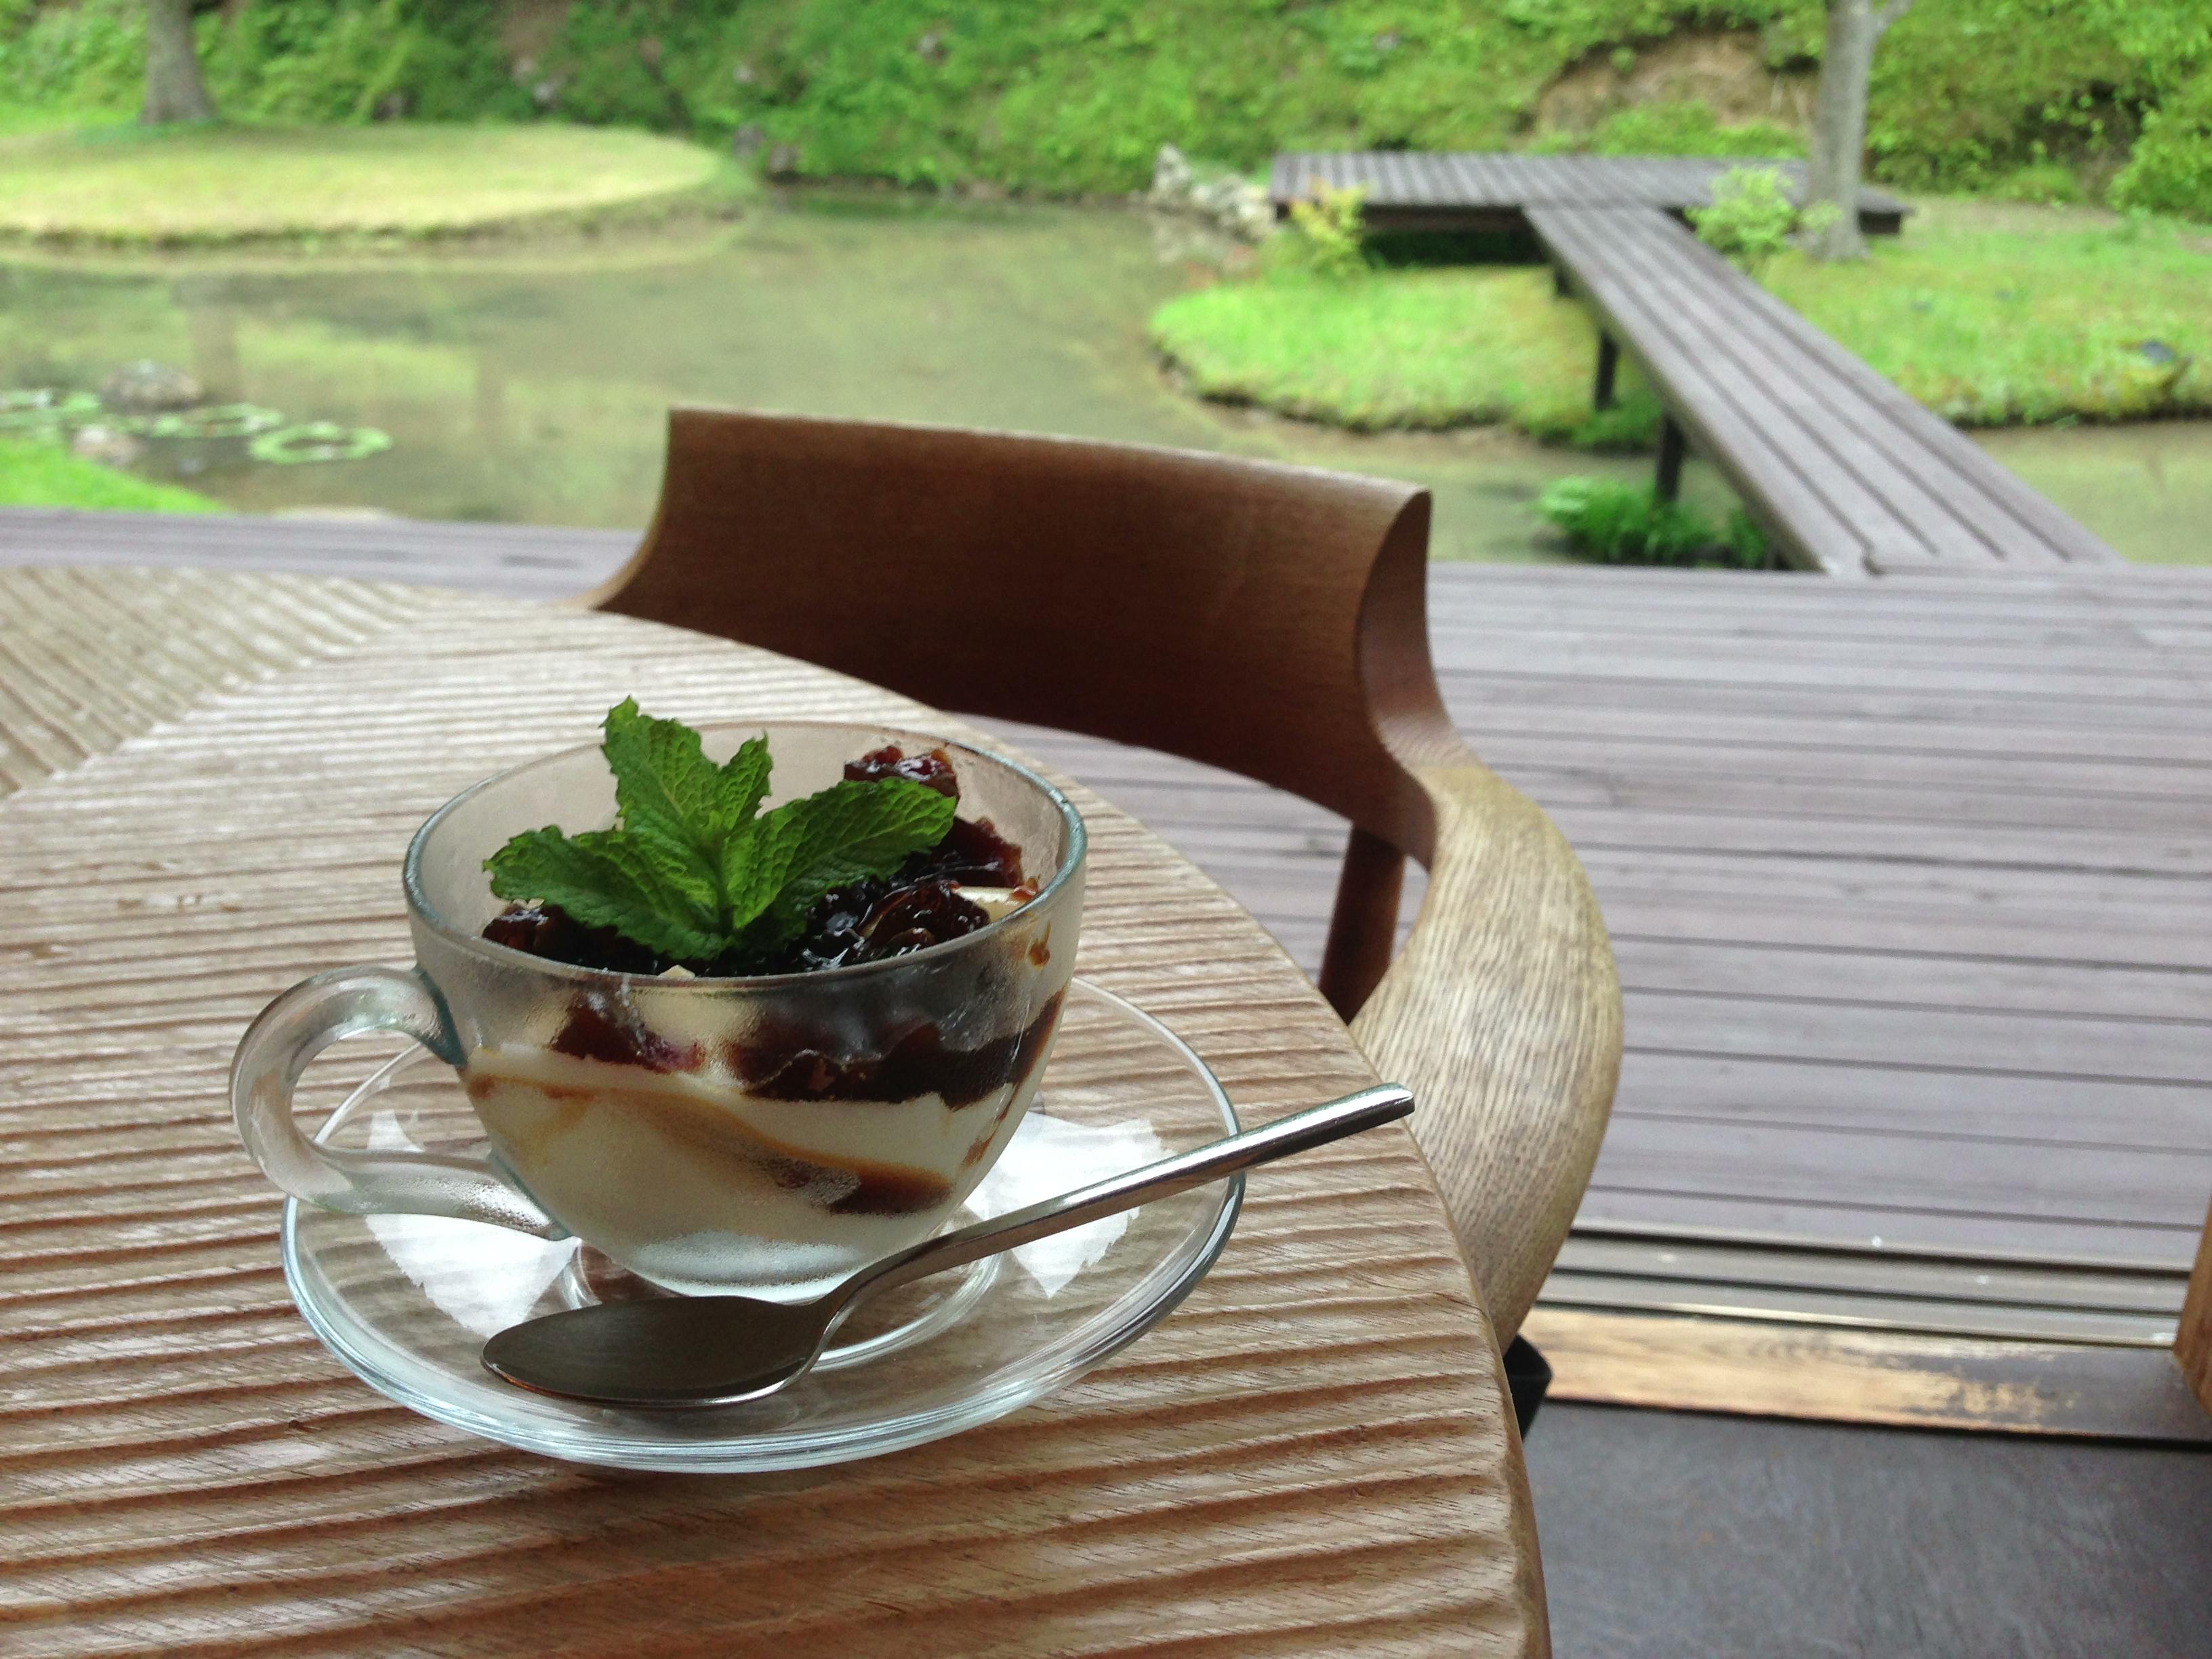 鹿児島でコーヒーゼリーが食べられるお店まとめ